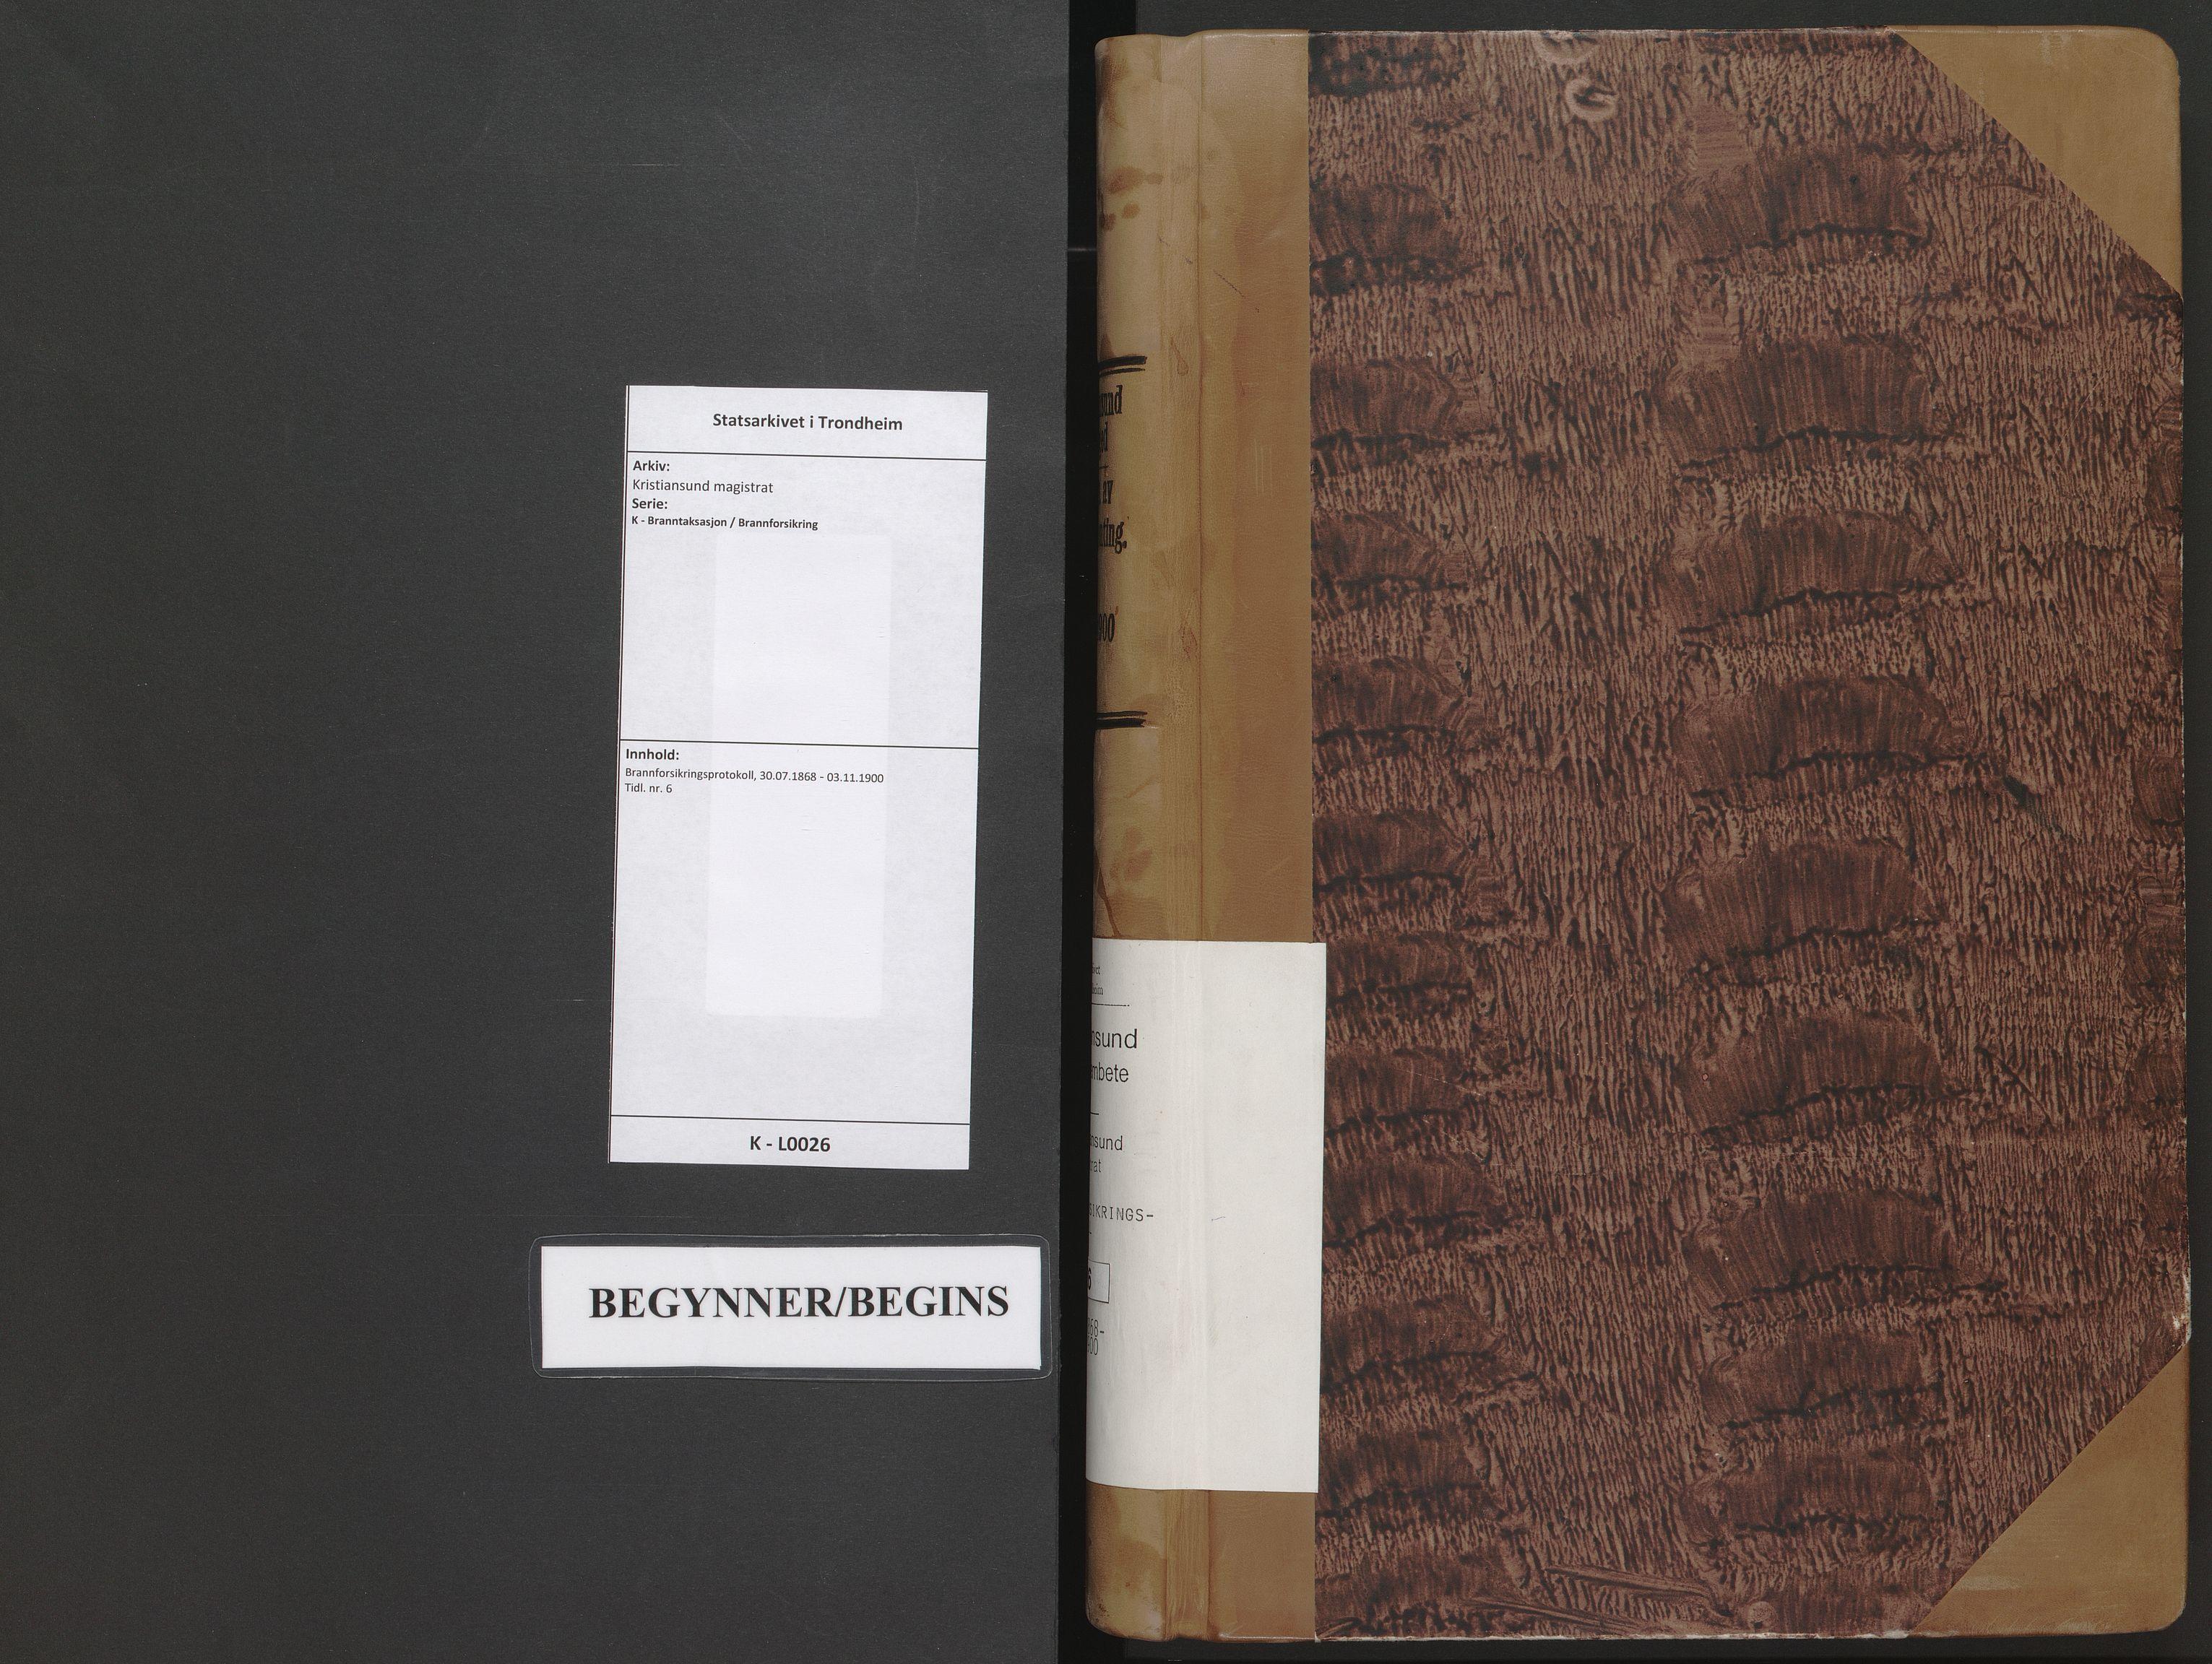 SAT, Kristiansund magistrat, K/L0026: Brannforsikringsprotokoll, 1868-1900